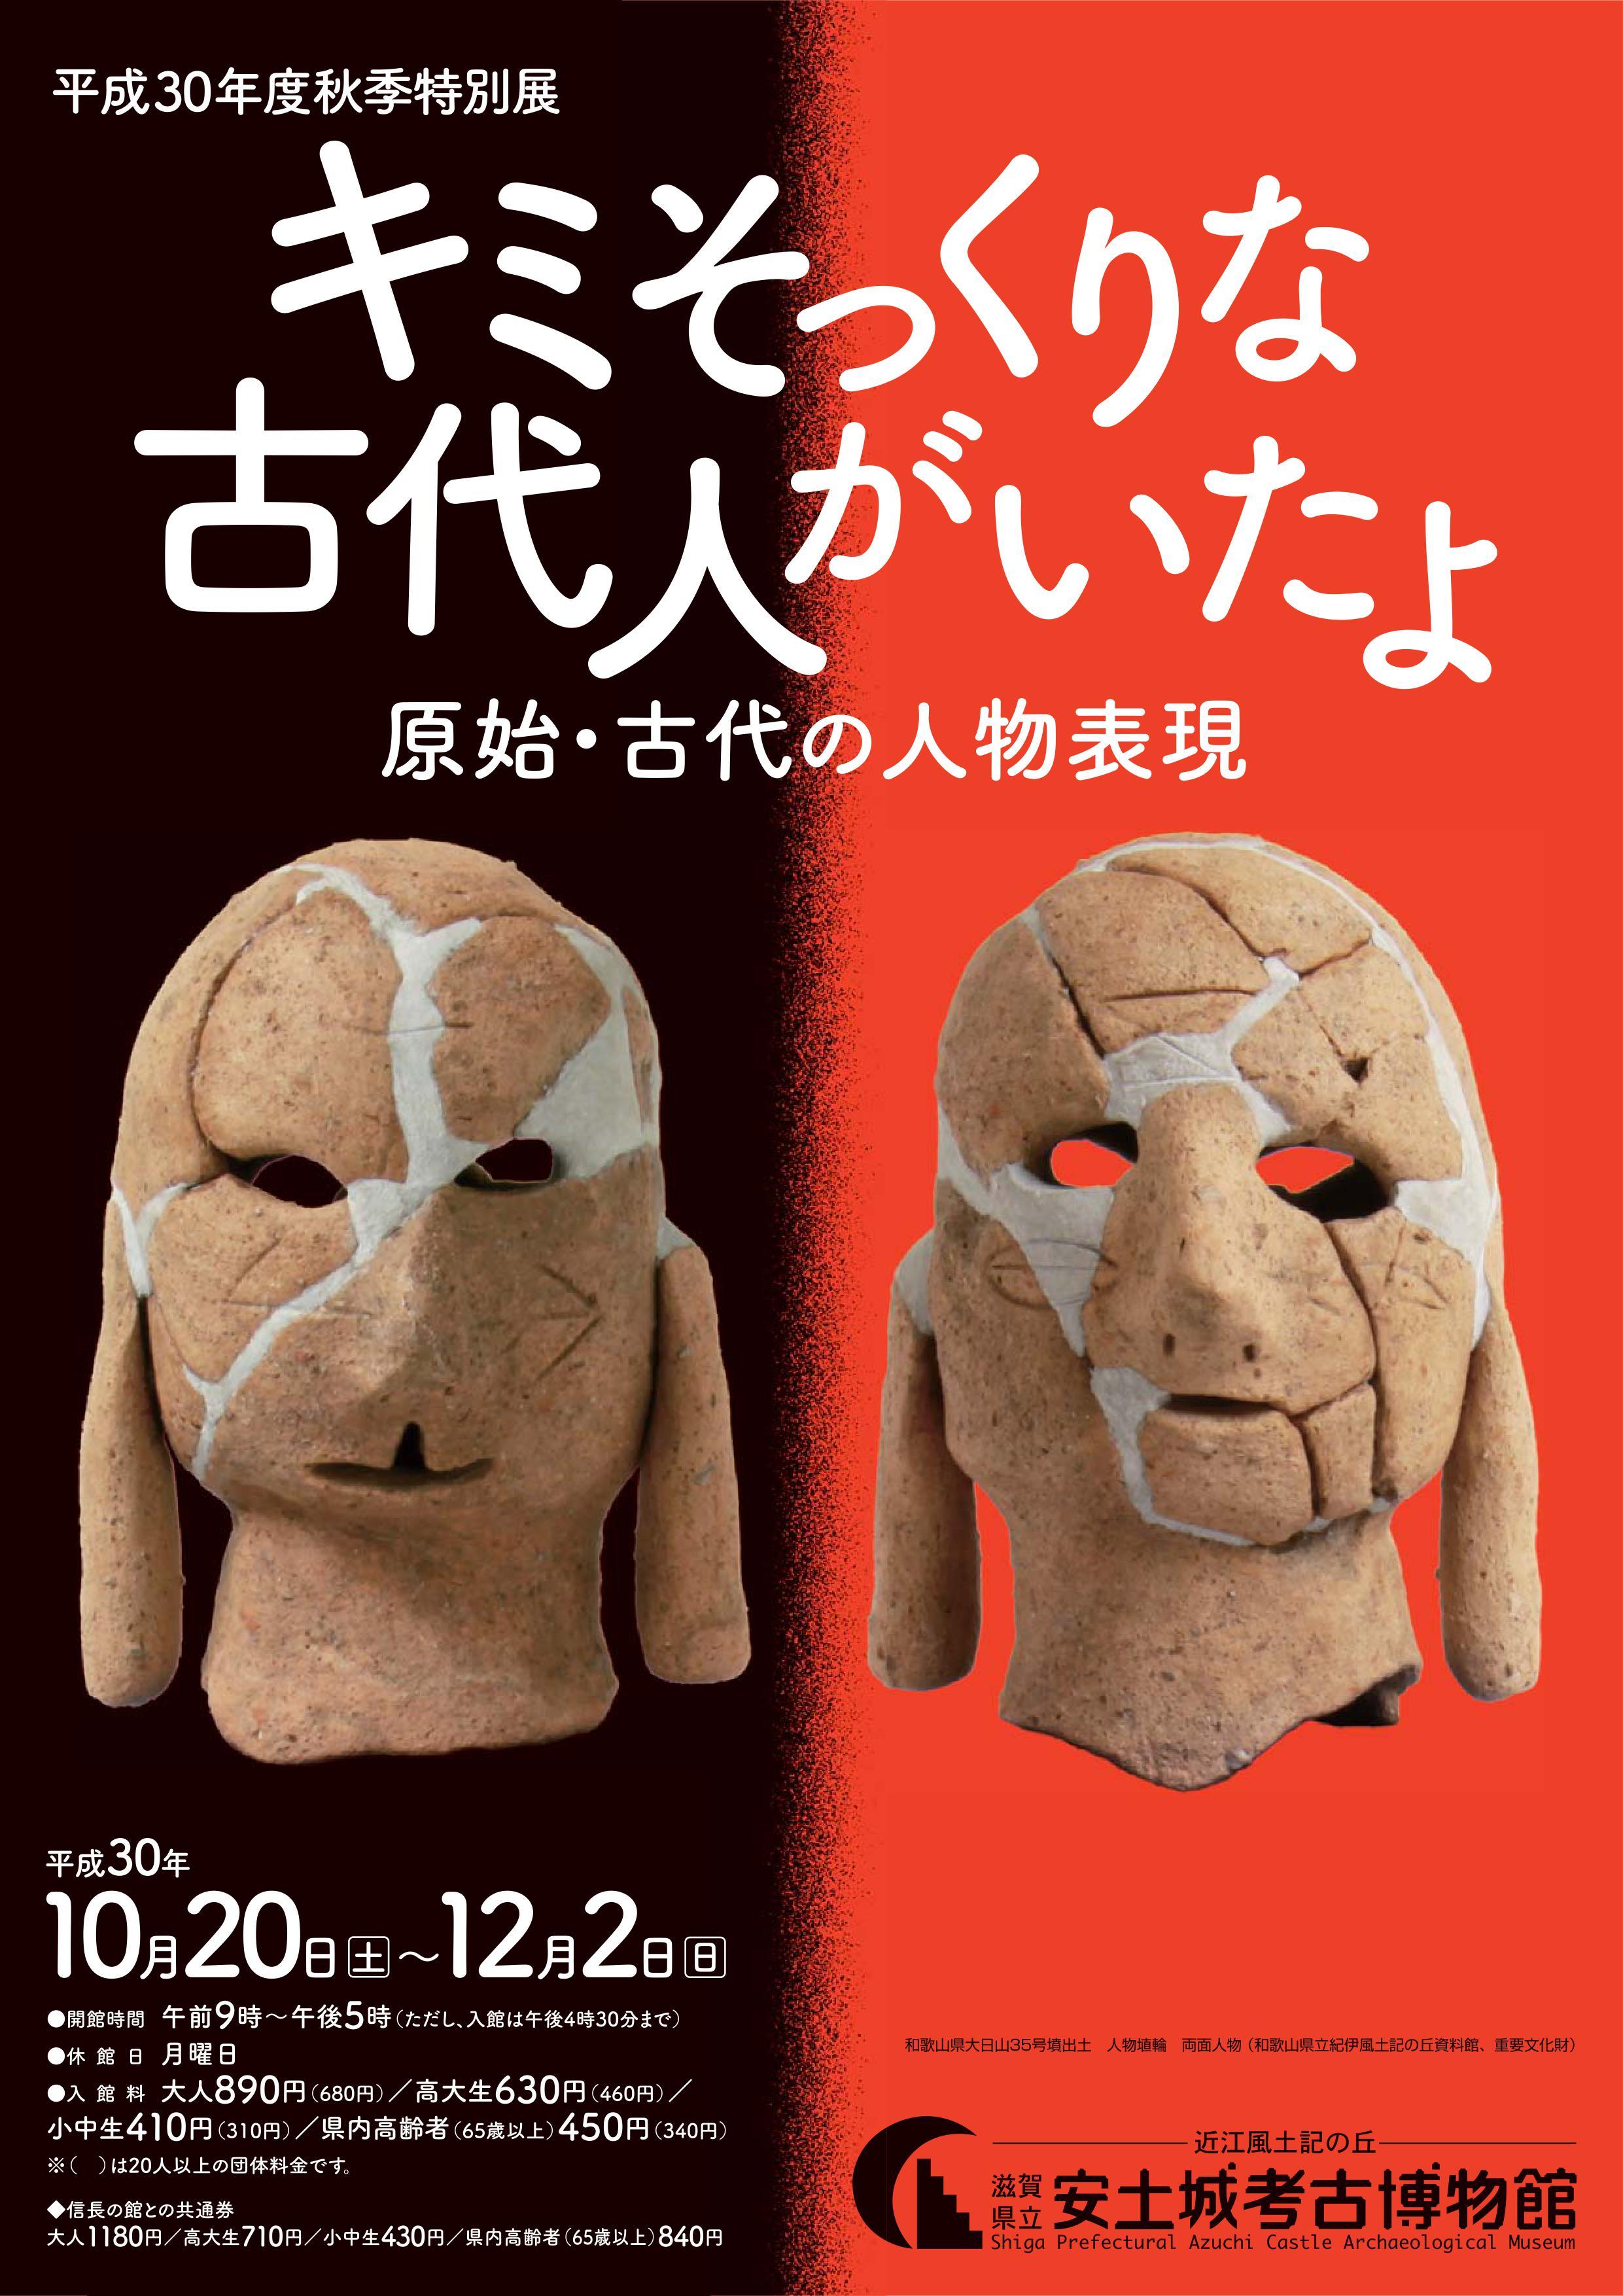 平成30年度秋季特別展「キミそっくりな古代人がいたよ―原始・古代の人物表現―」